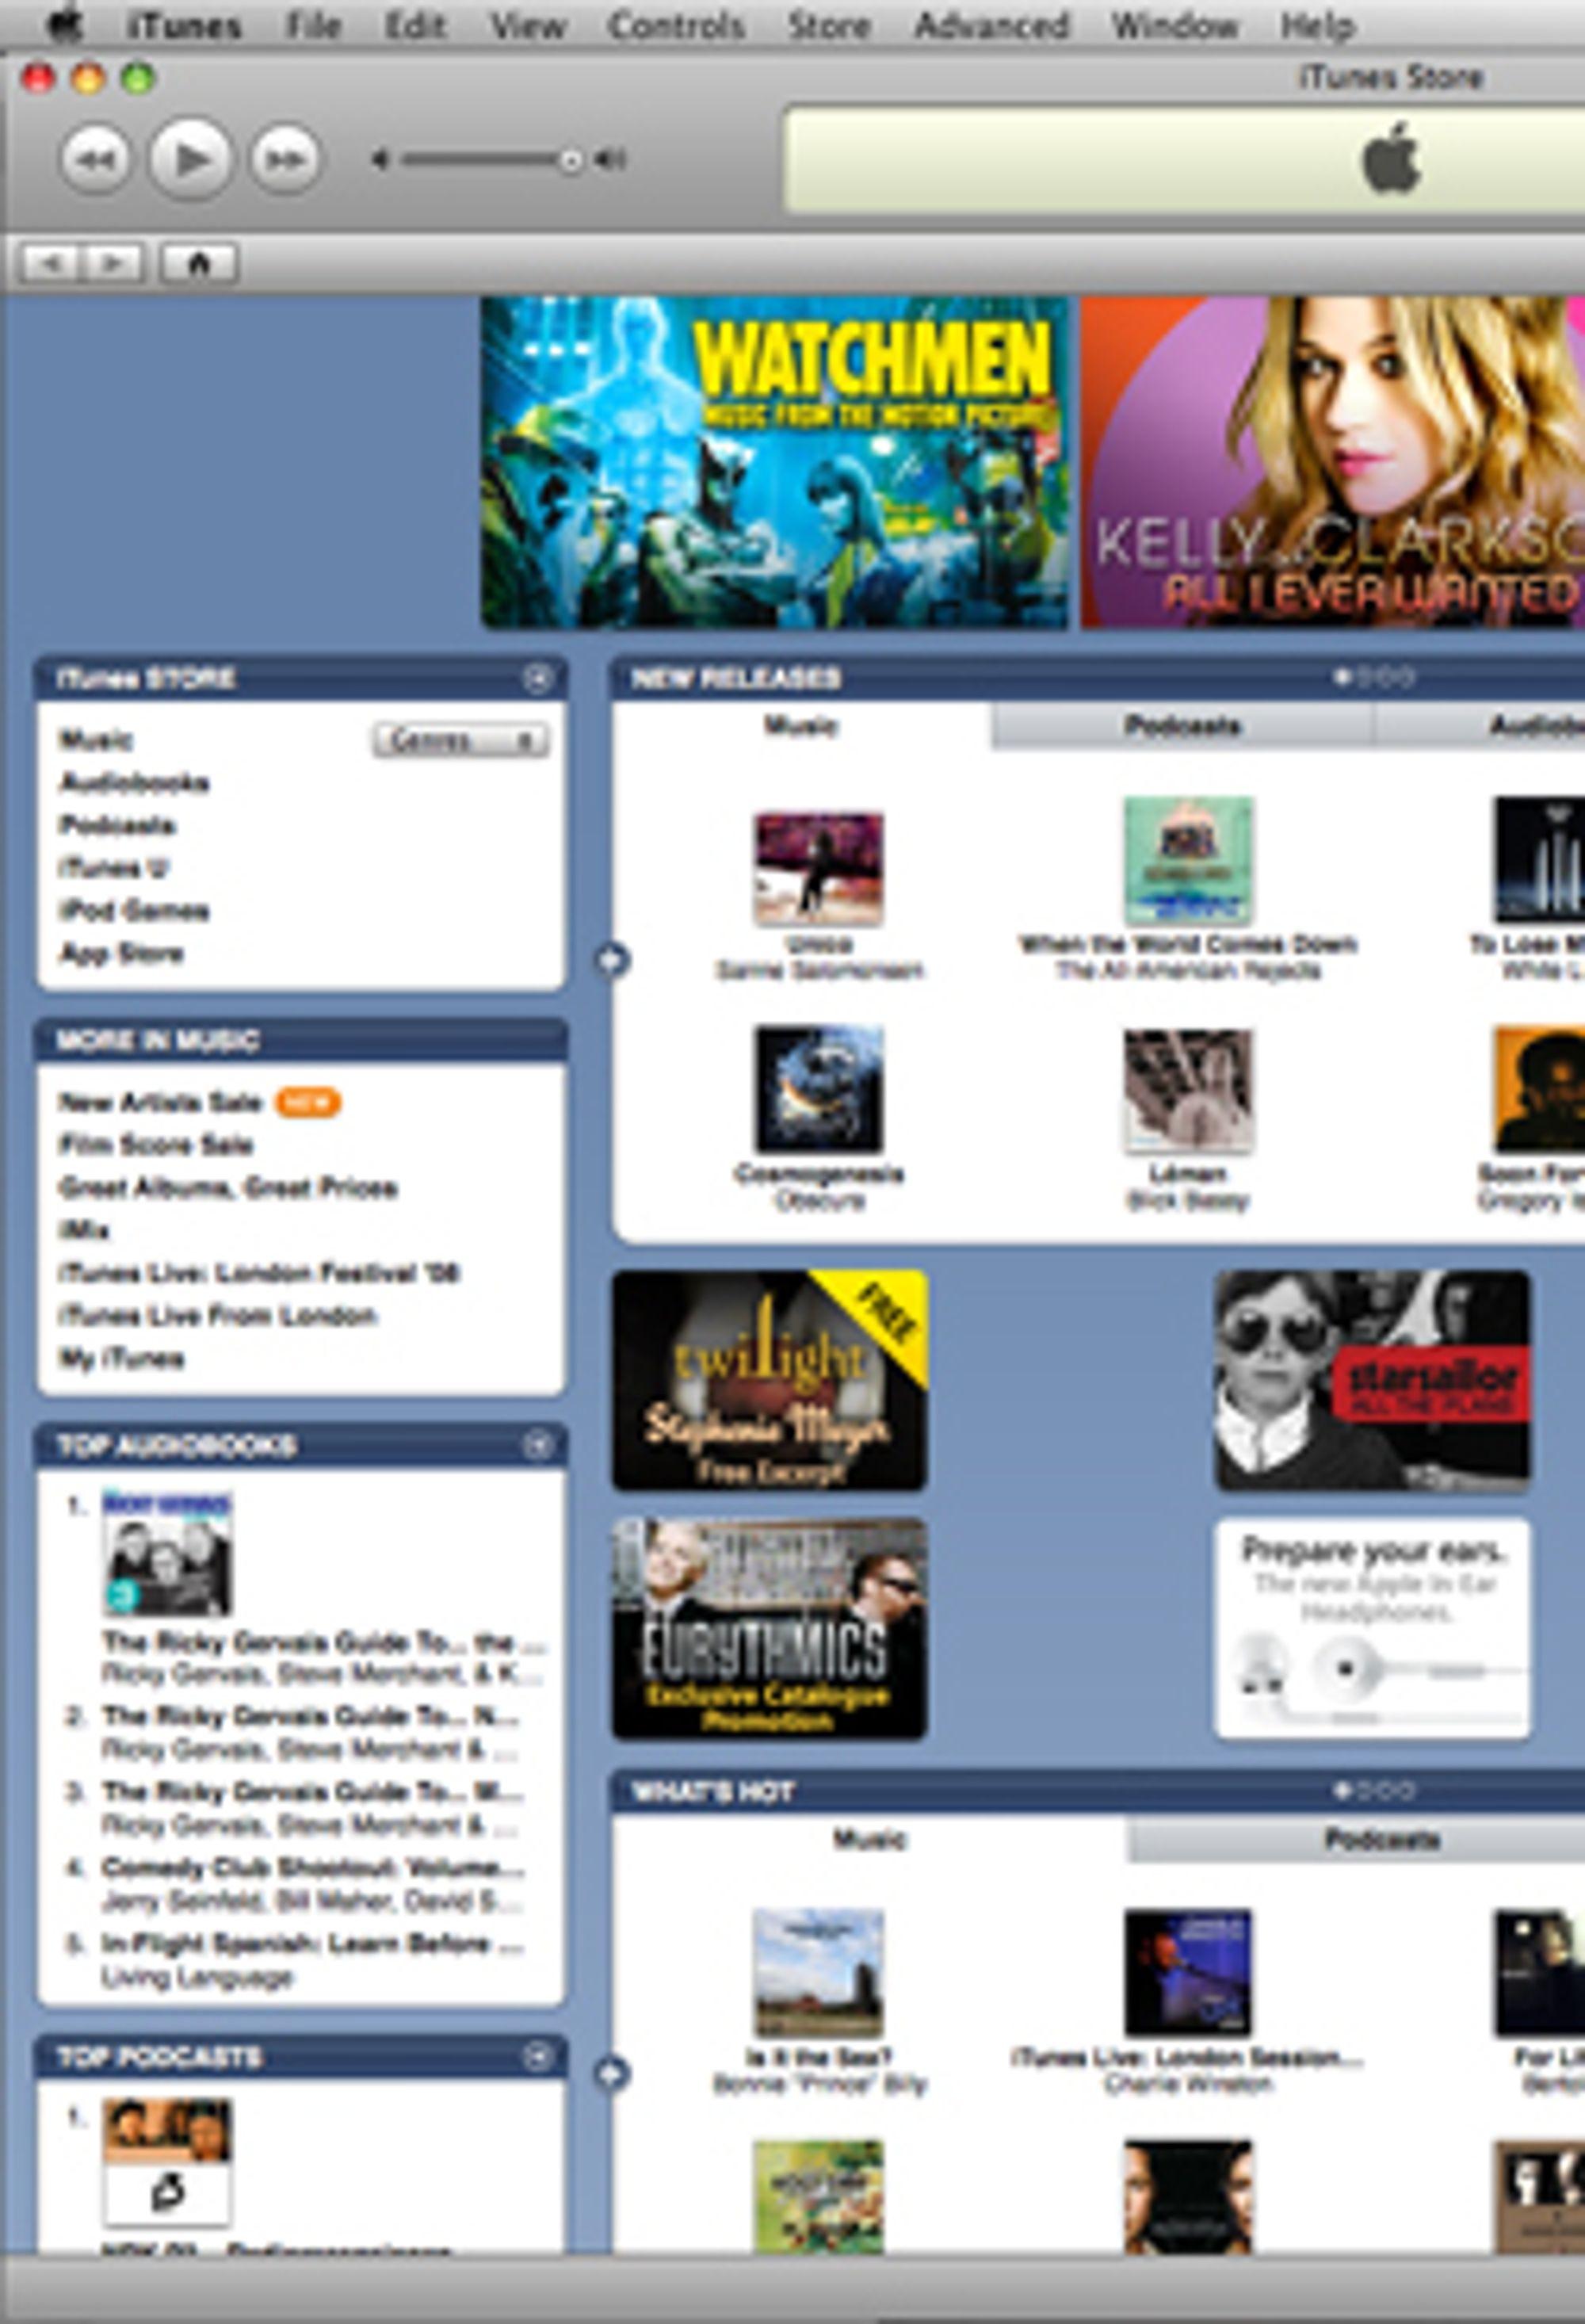 Itunes er fortsatt et bra tilbud, spesielt nå som musikken er uten DRM.